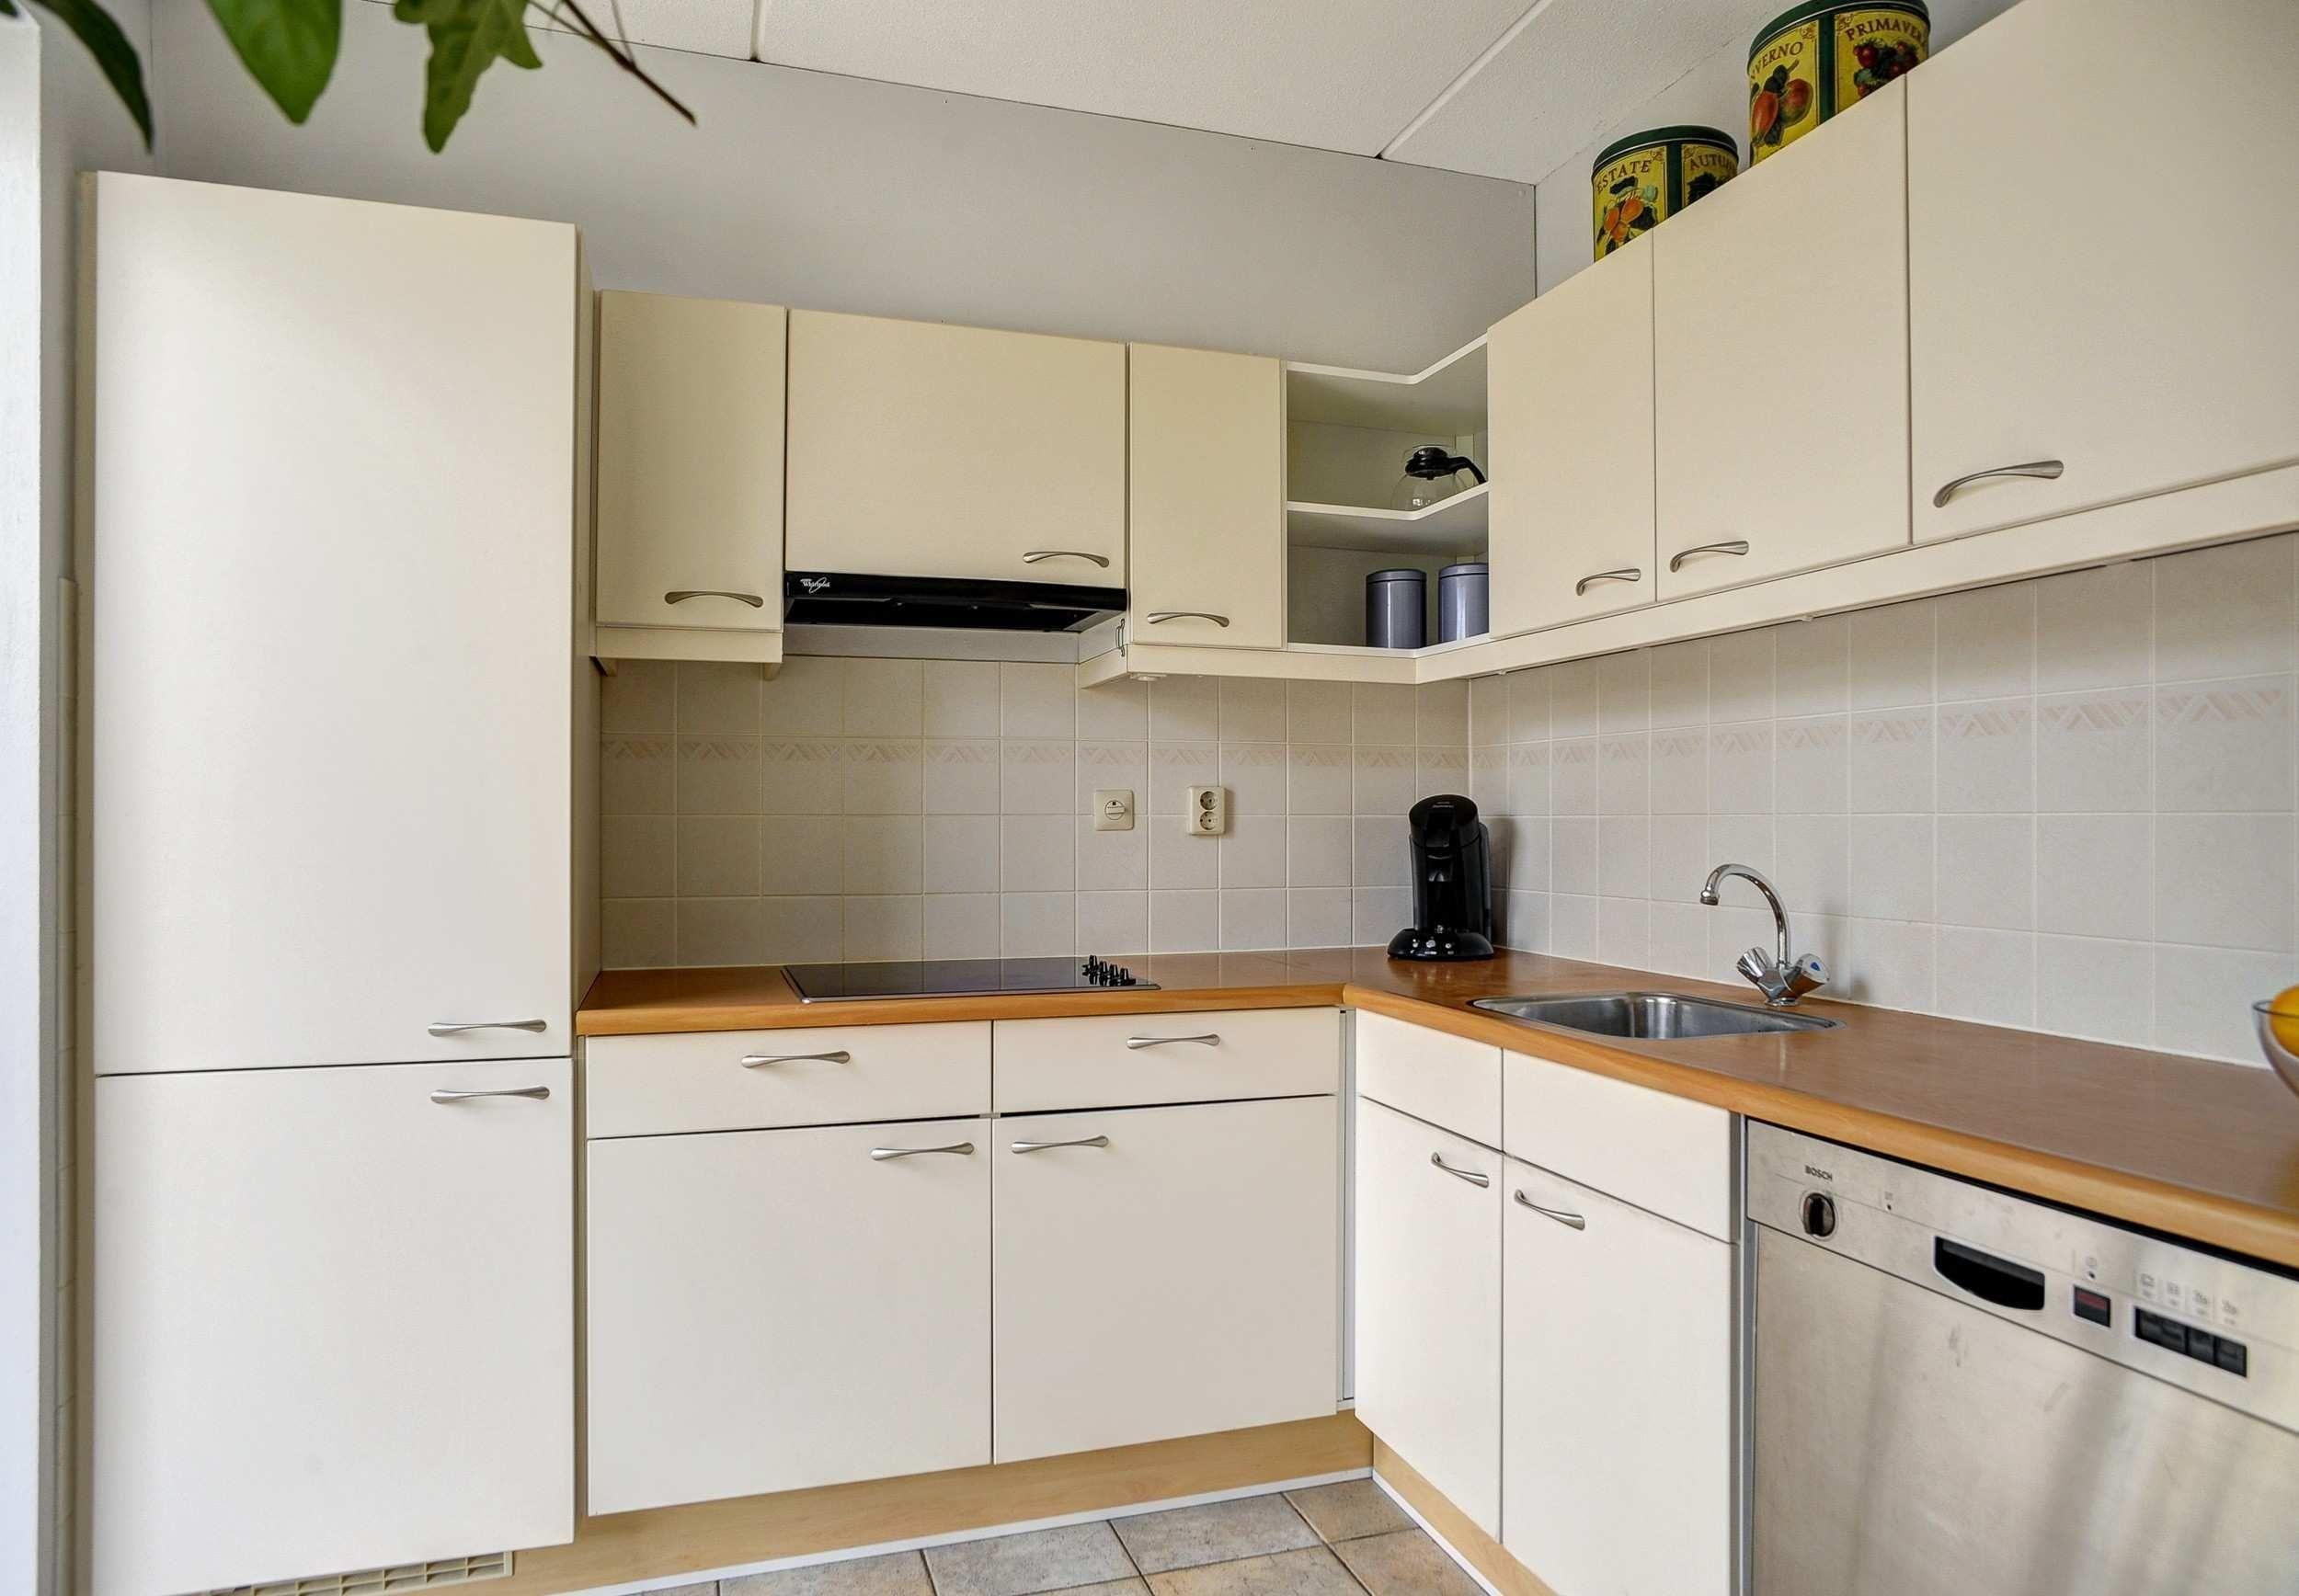 Formaat keukens keuken eiland l vorm decor huis ontwerp ideeen in